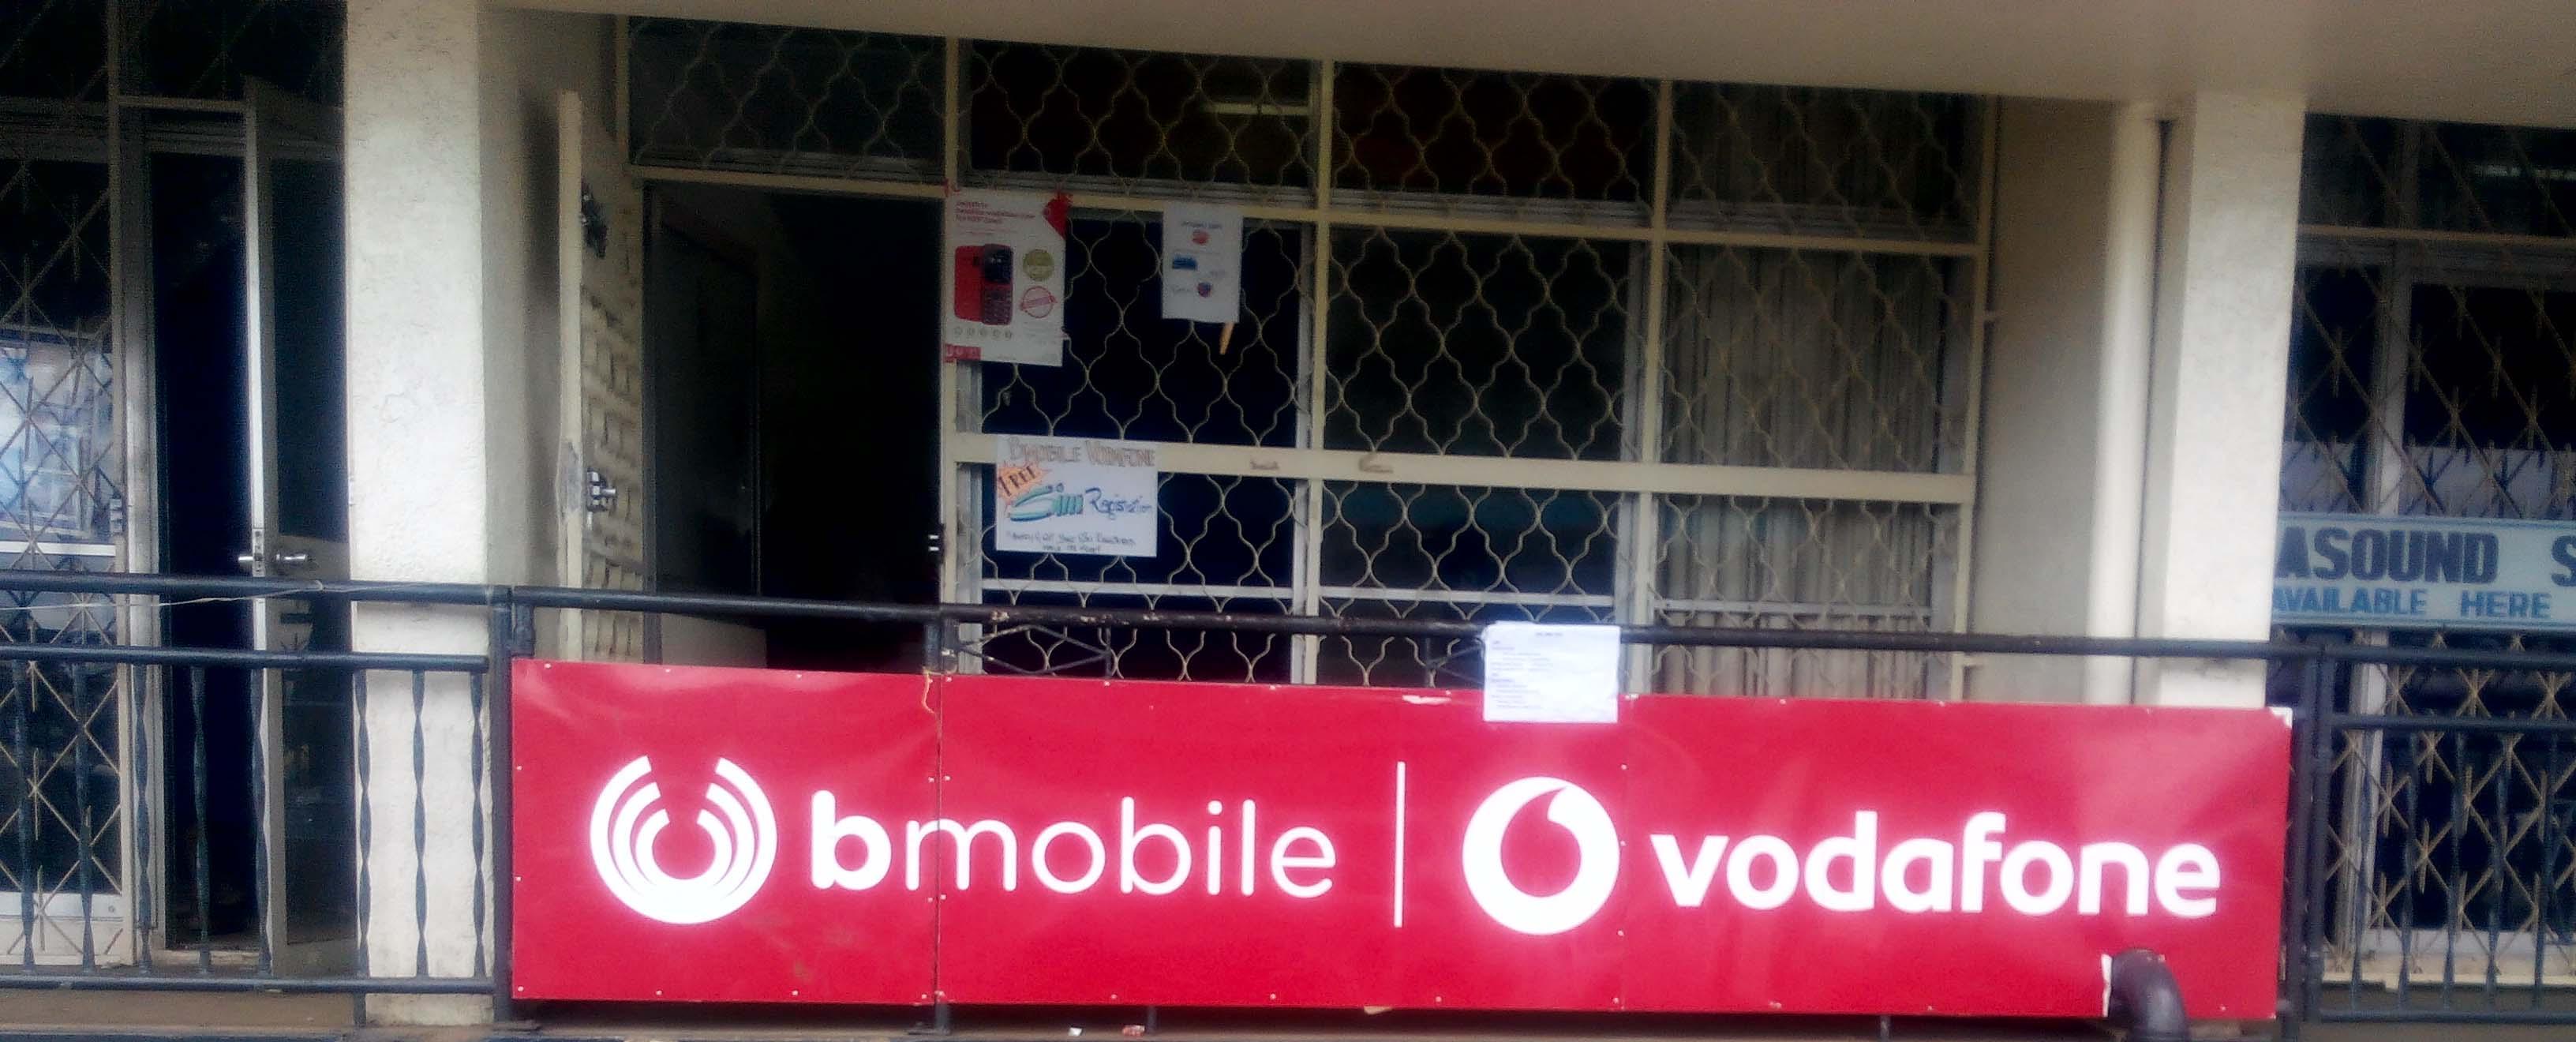 Bmobile vodafone clipart clip art download bmobile | bmobile-vodafone Goroka retail store clip art download